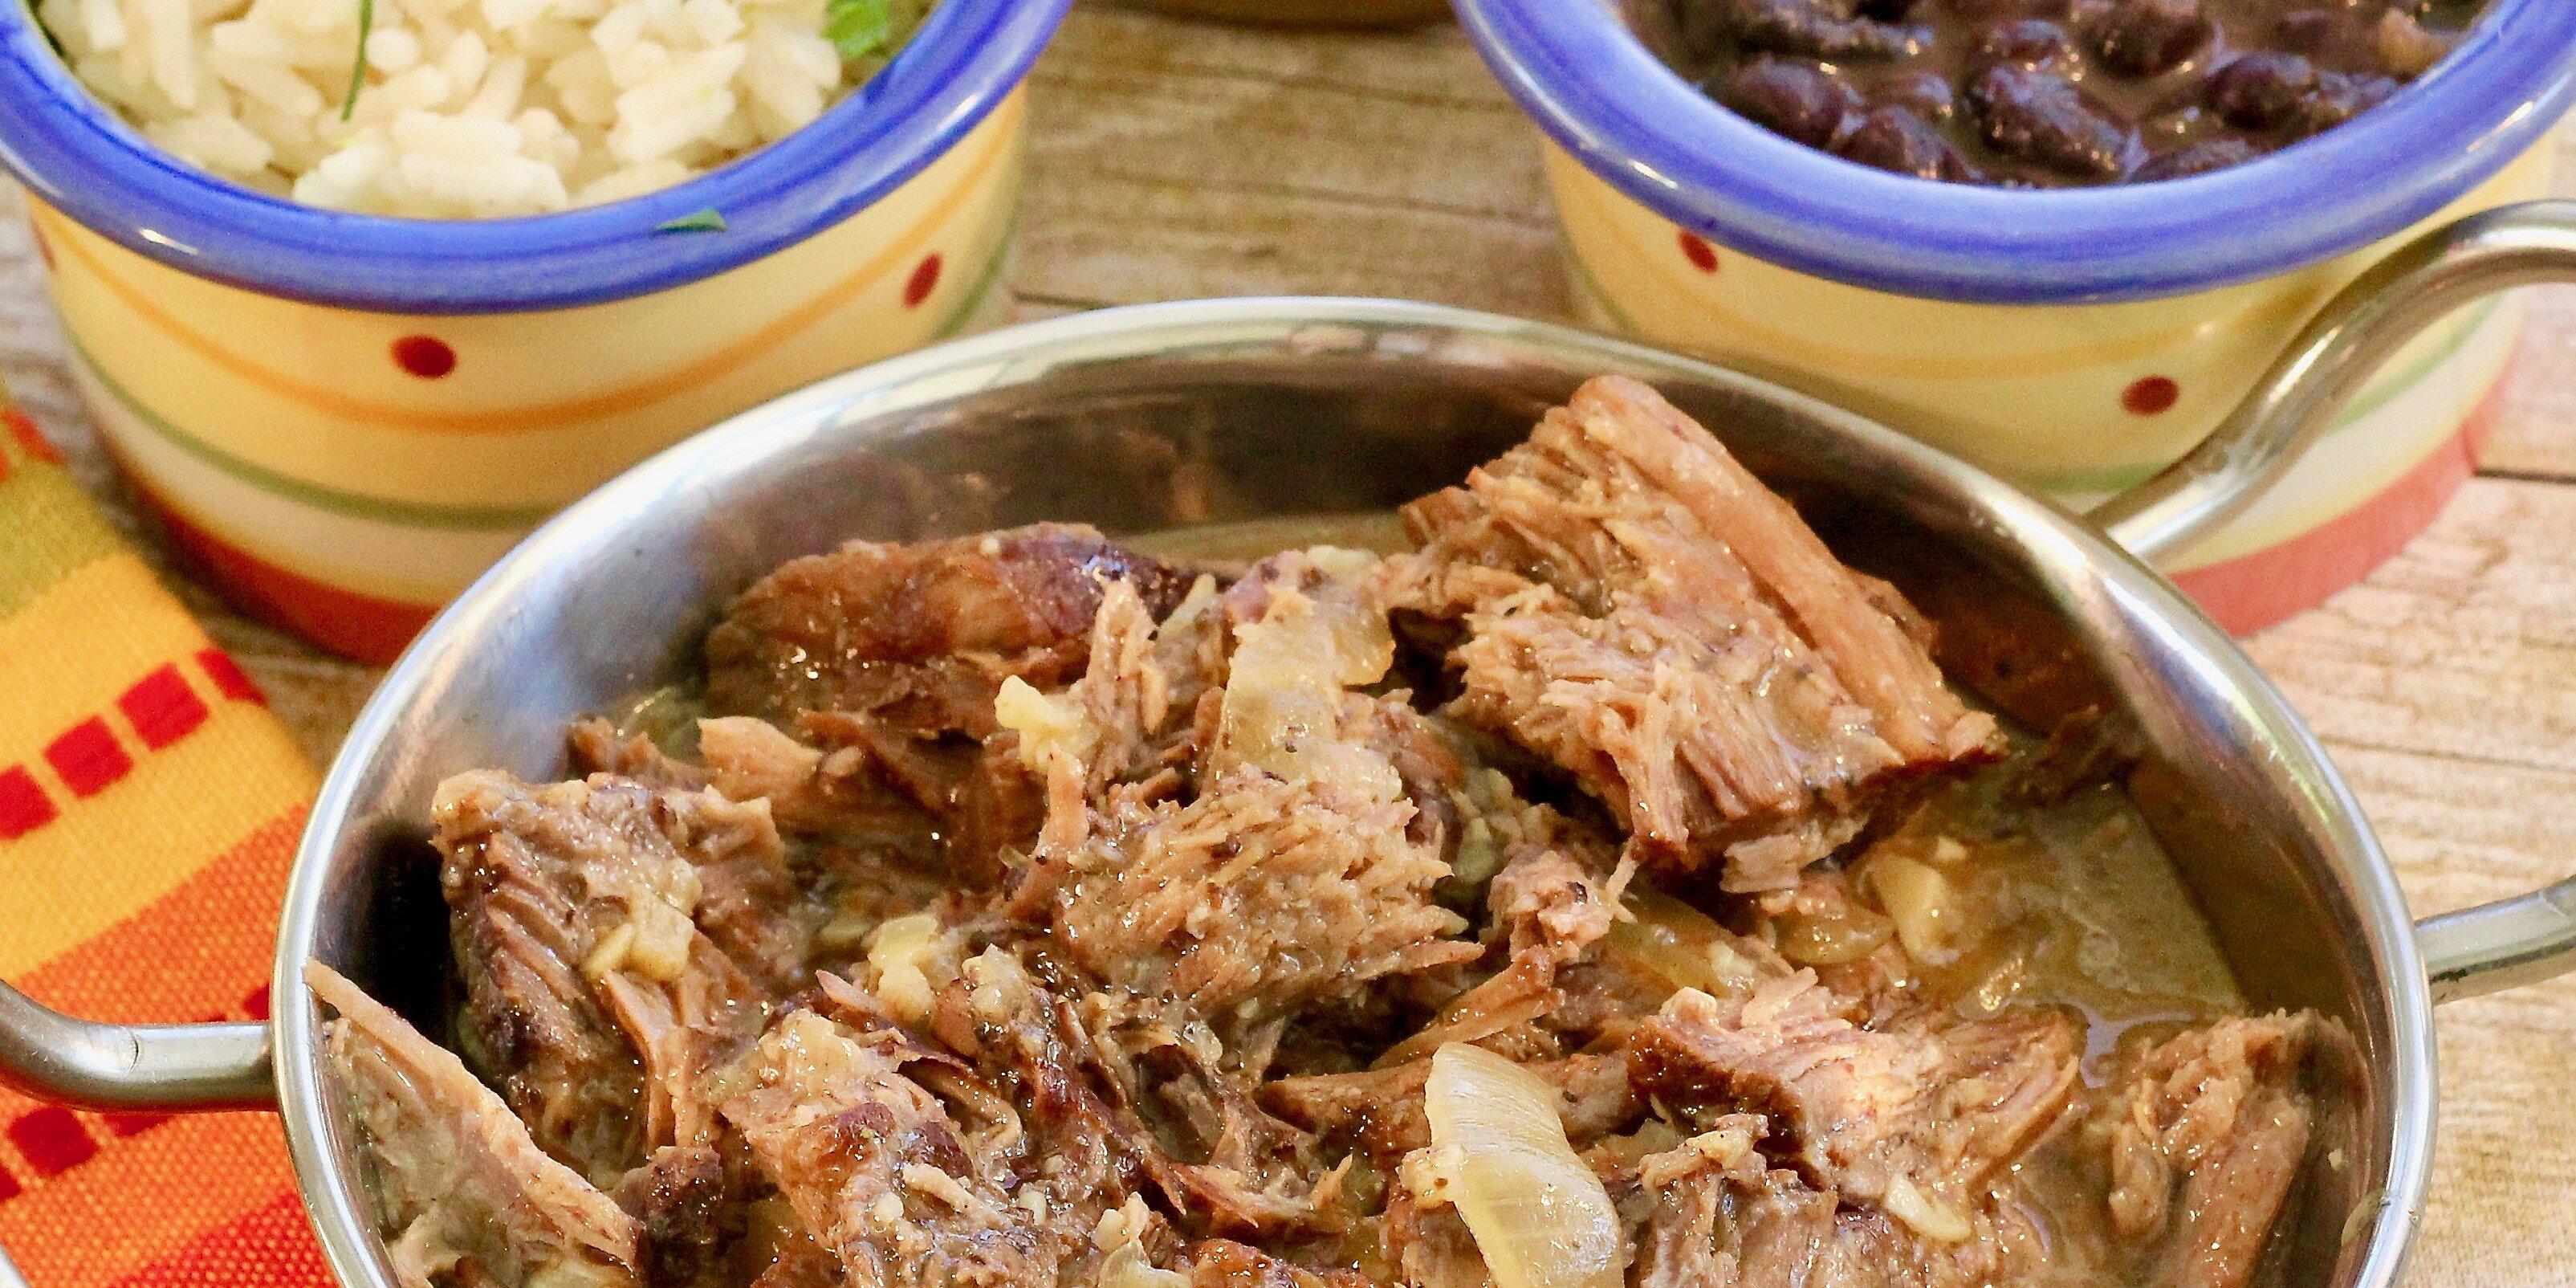 shredded slow cooker cuban beef recipe